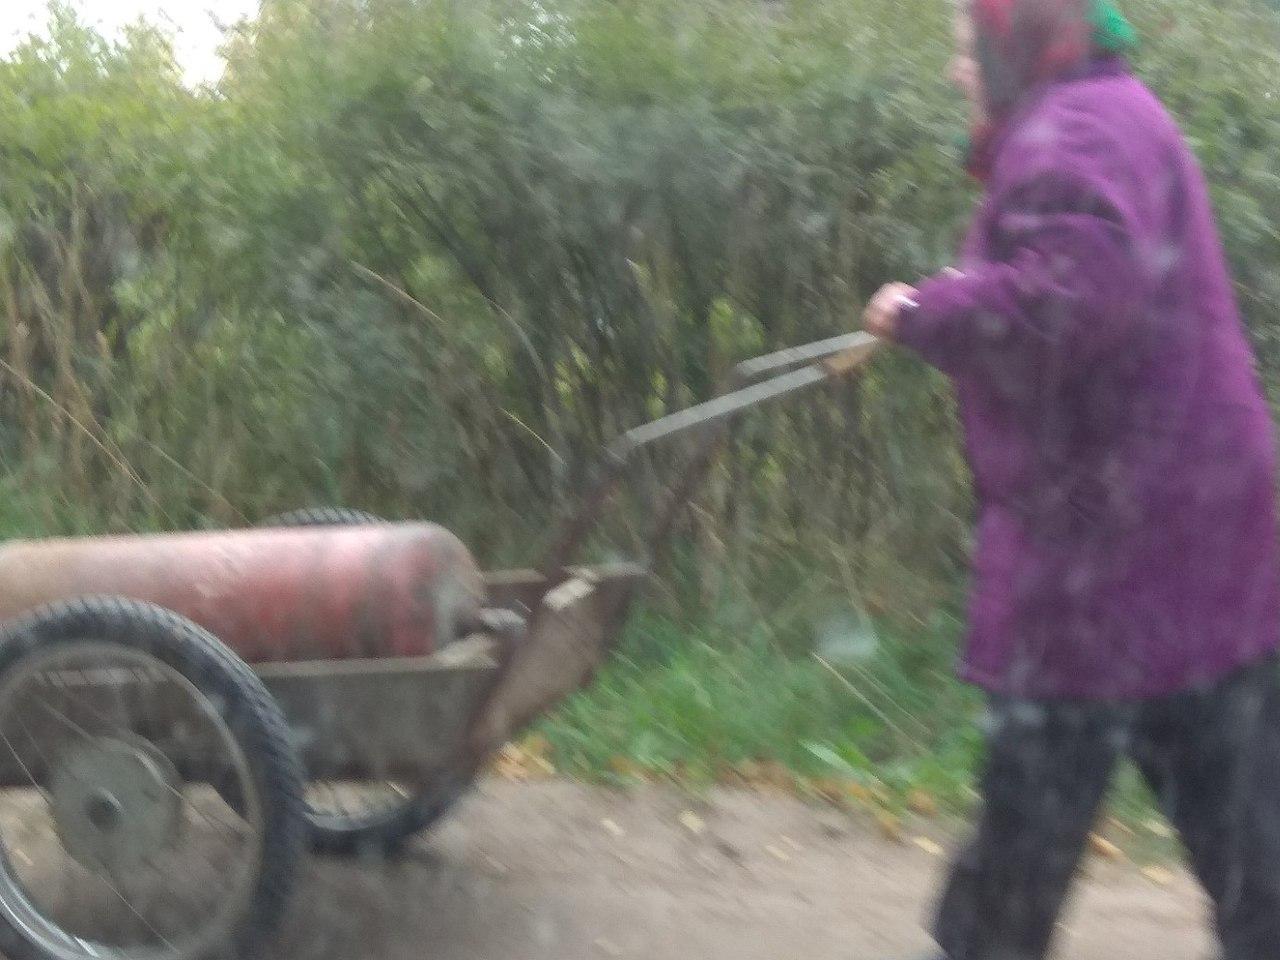 Жителям Суды в Череповецком районе приходится покупать газ в баллонах, несмотря на газификацию поселка